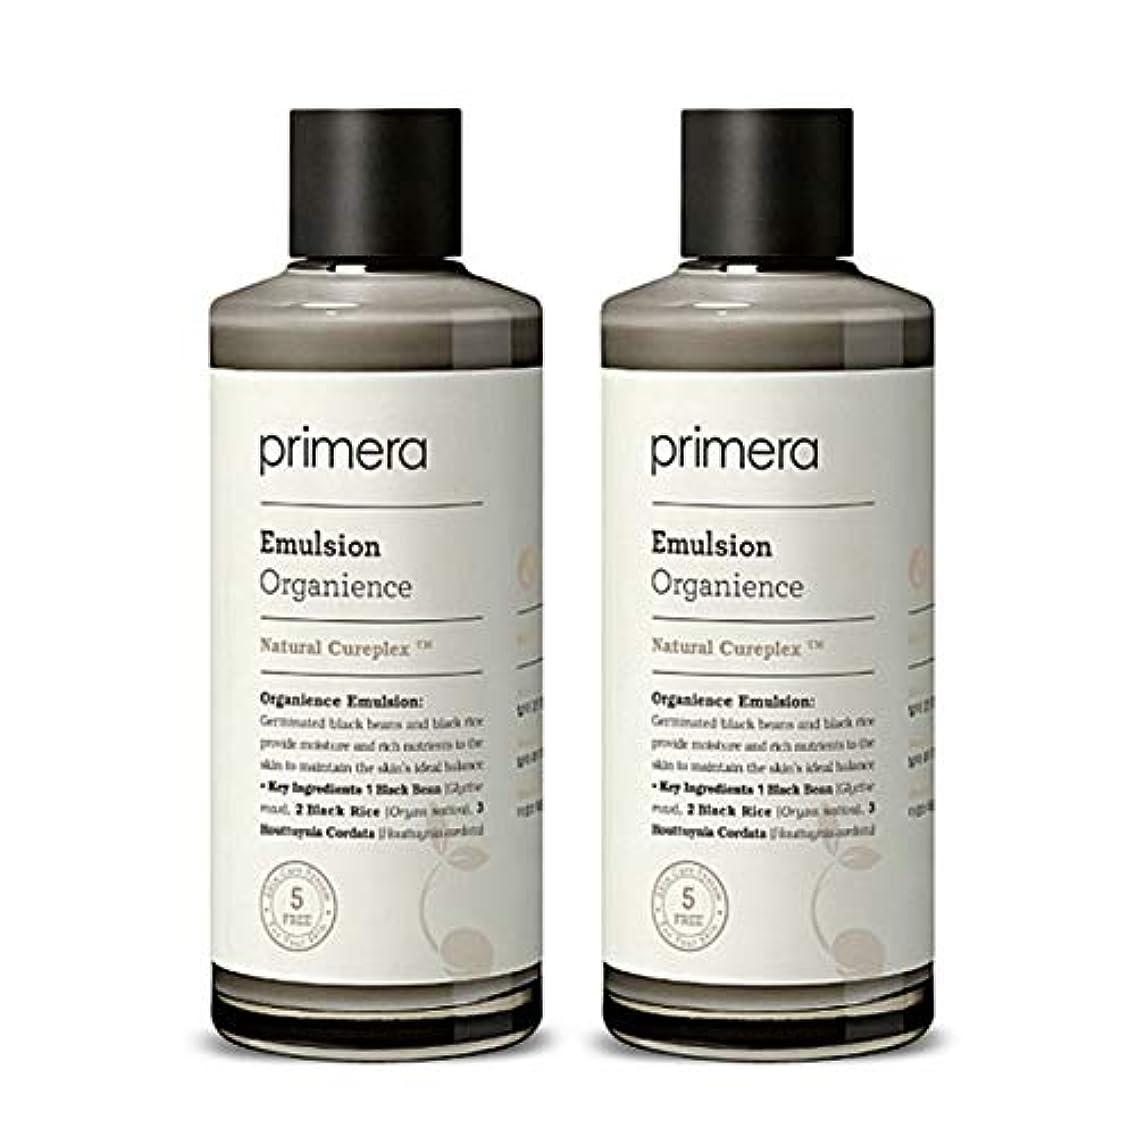 熟す外交問題置くためにパックプリメラオカニオンスエマルジョン150ml x 2本セット、Primera Organience Emulsion 150ml x 2ea Set [並行輸入品]